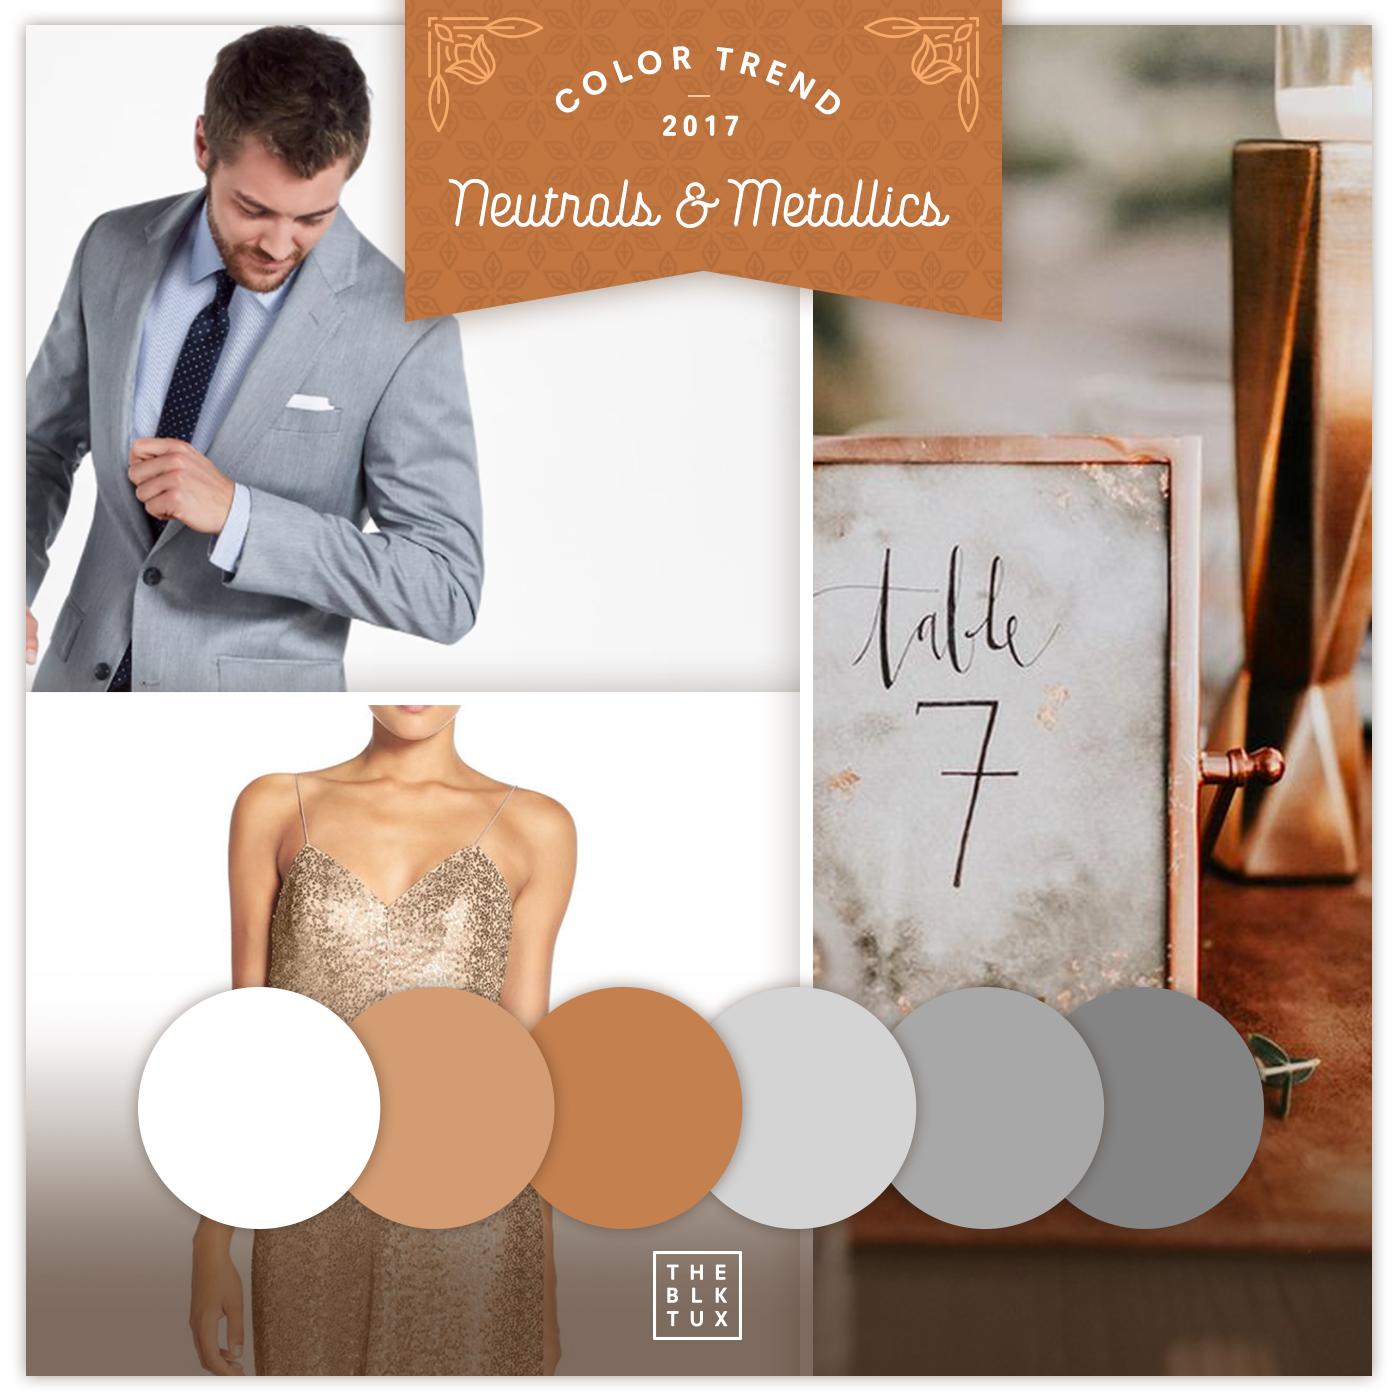 blktux_wedding_color_trends_x2